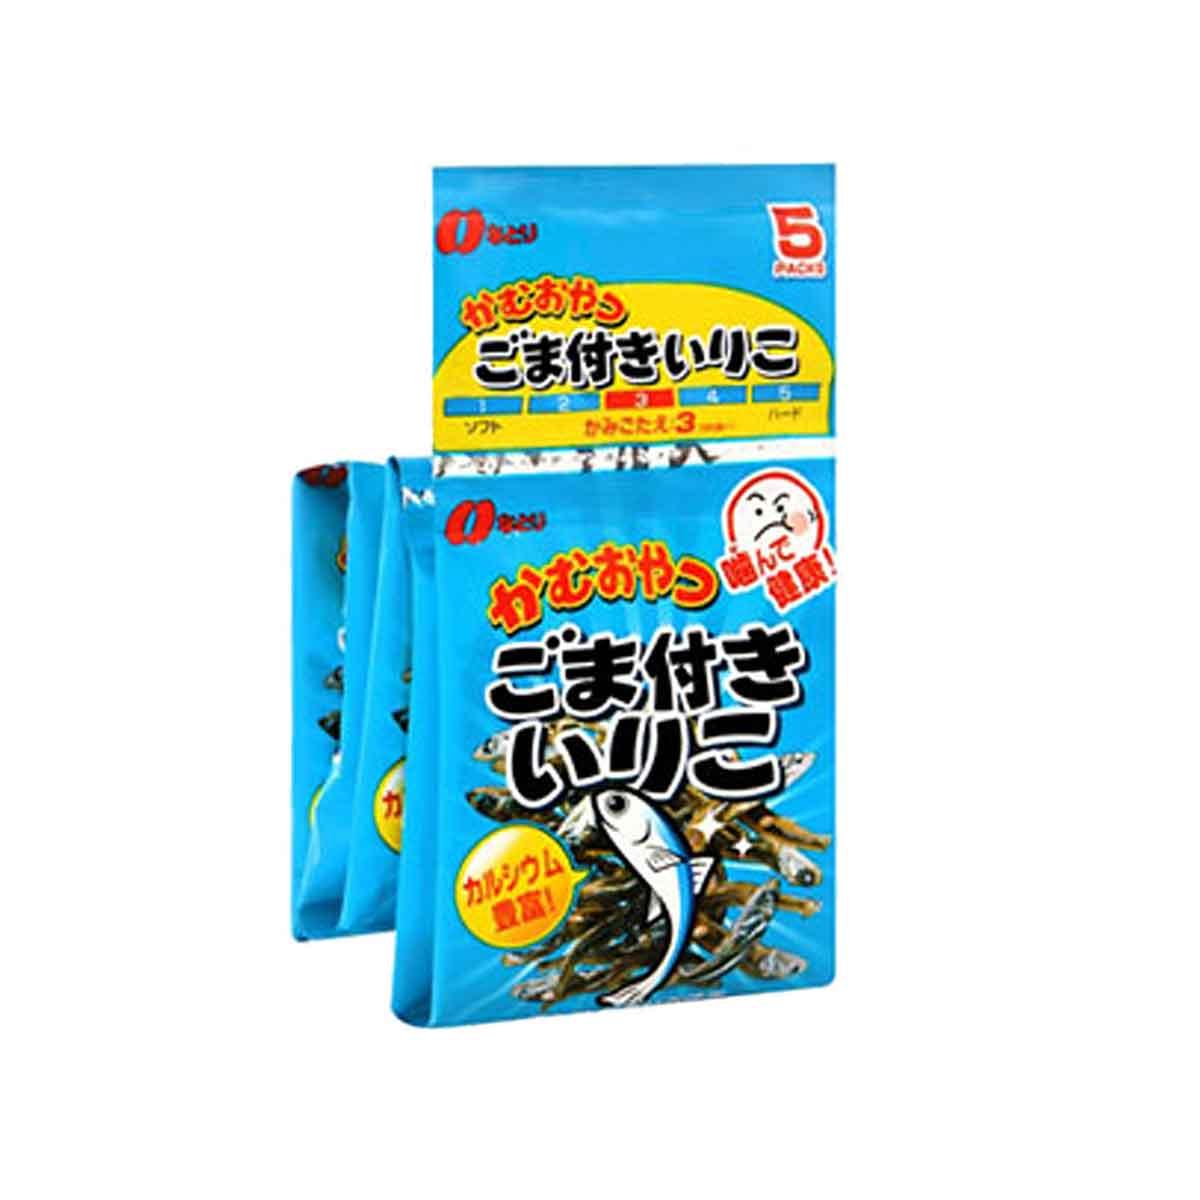 芝麻小魚五連包 日本 20g 點心 小魚乾 日本製造進口